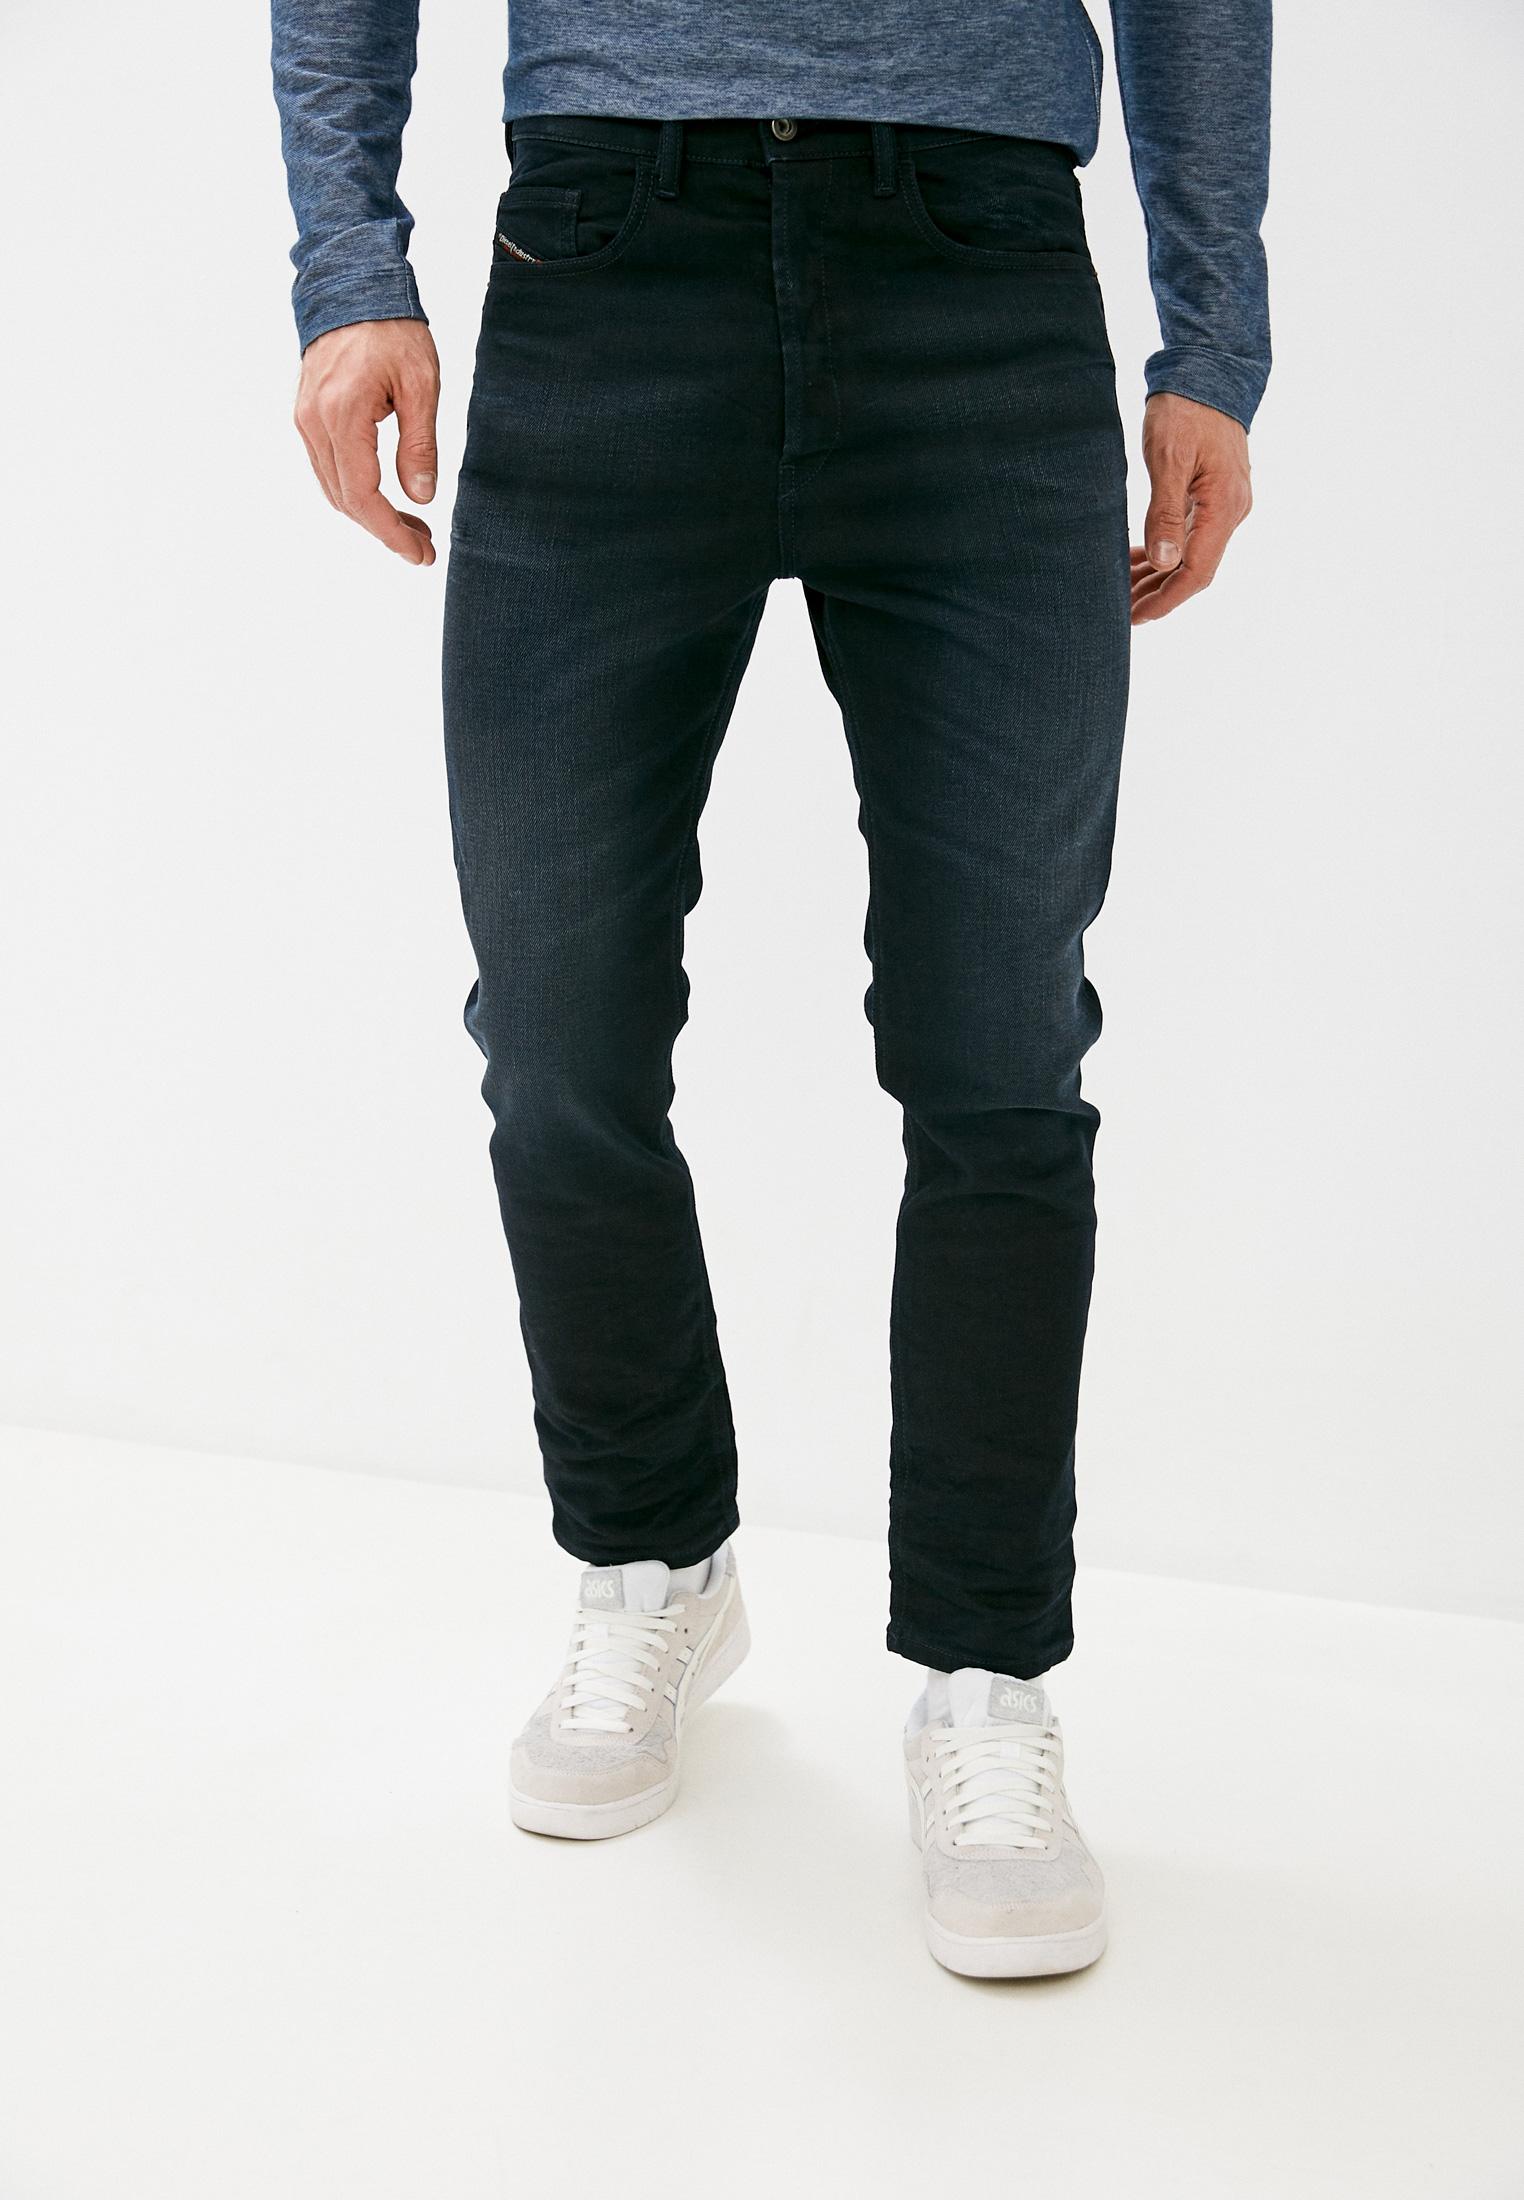 Зауженные джинсы Diesel (Дизель) 00SQLY084AY